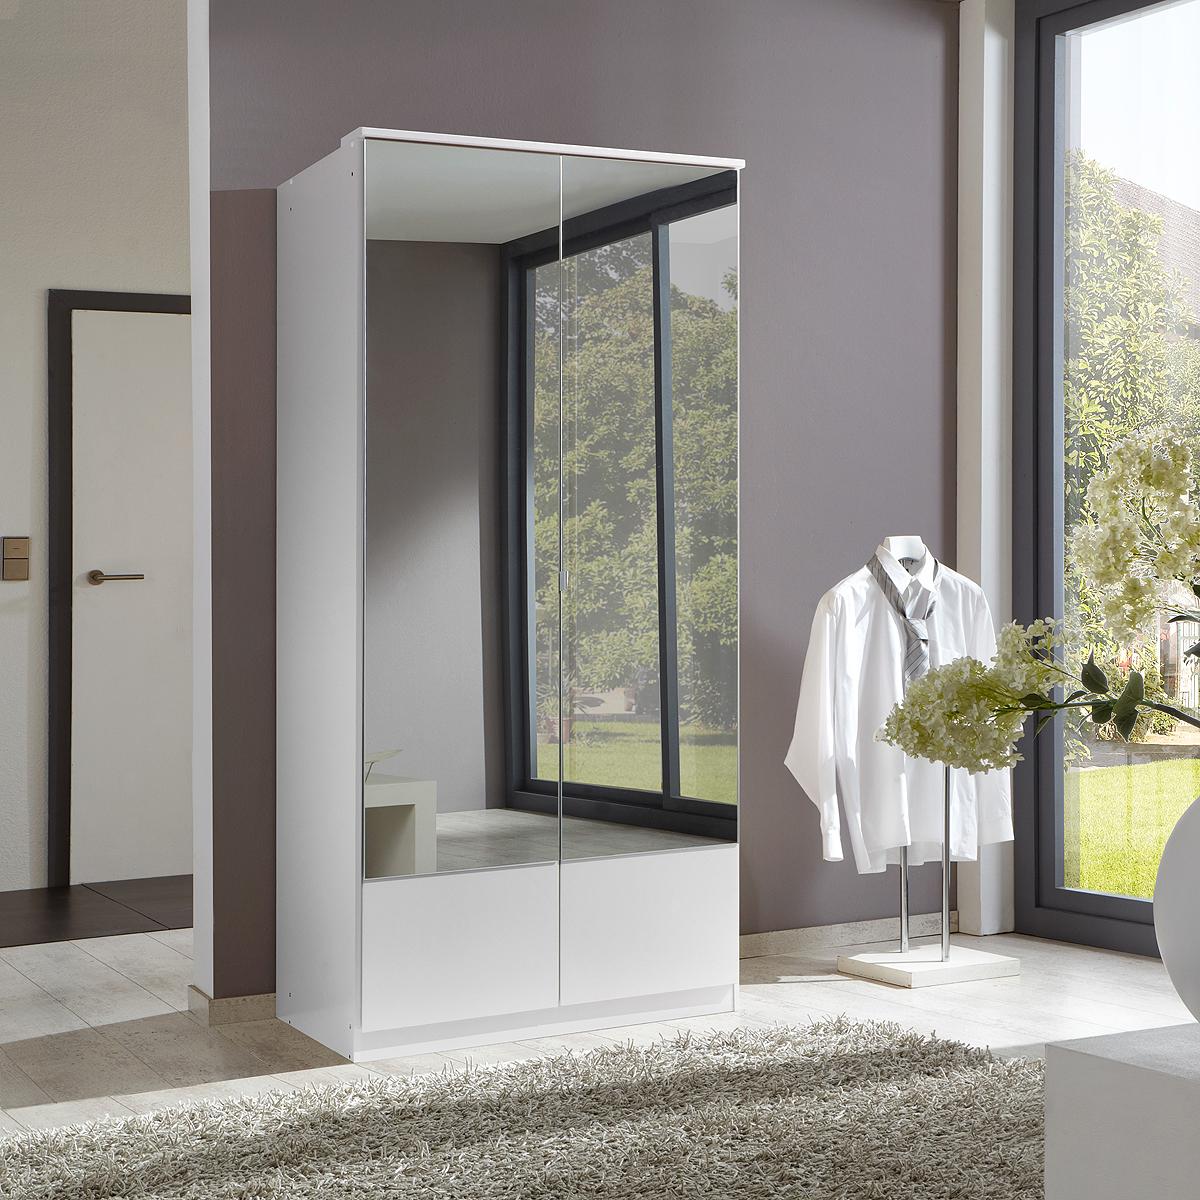 kleiderschrank imago schrank eiche s gerau nussbaum und wei mit spiegel 90 cm ebay. Black Bedroom Furniture Sets. Home Design Ideas